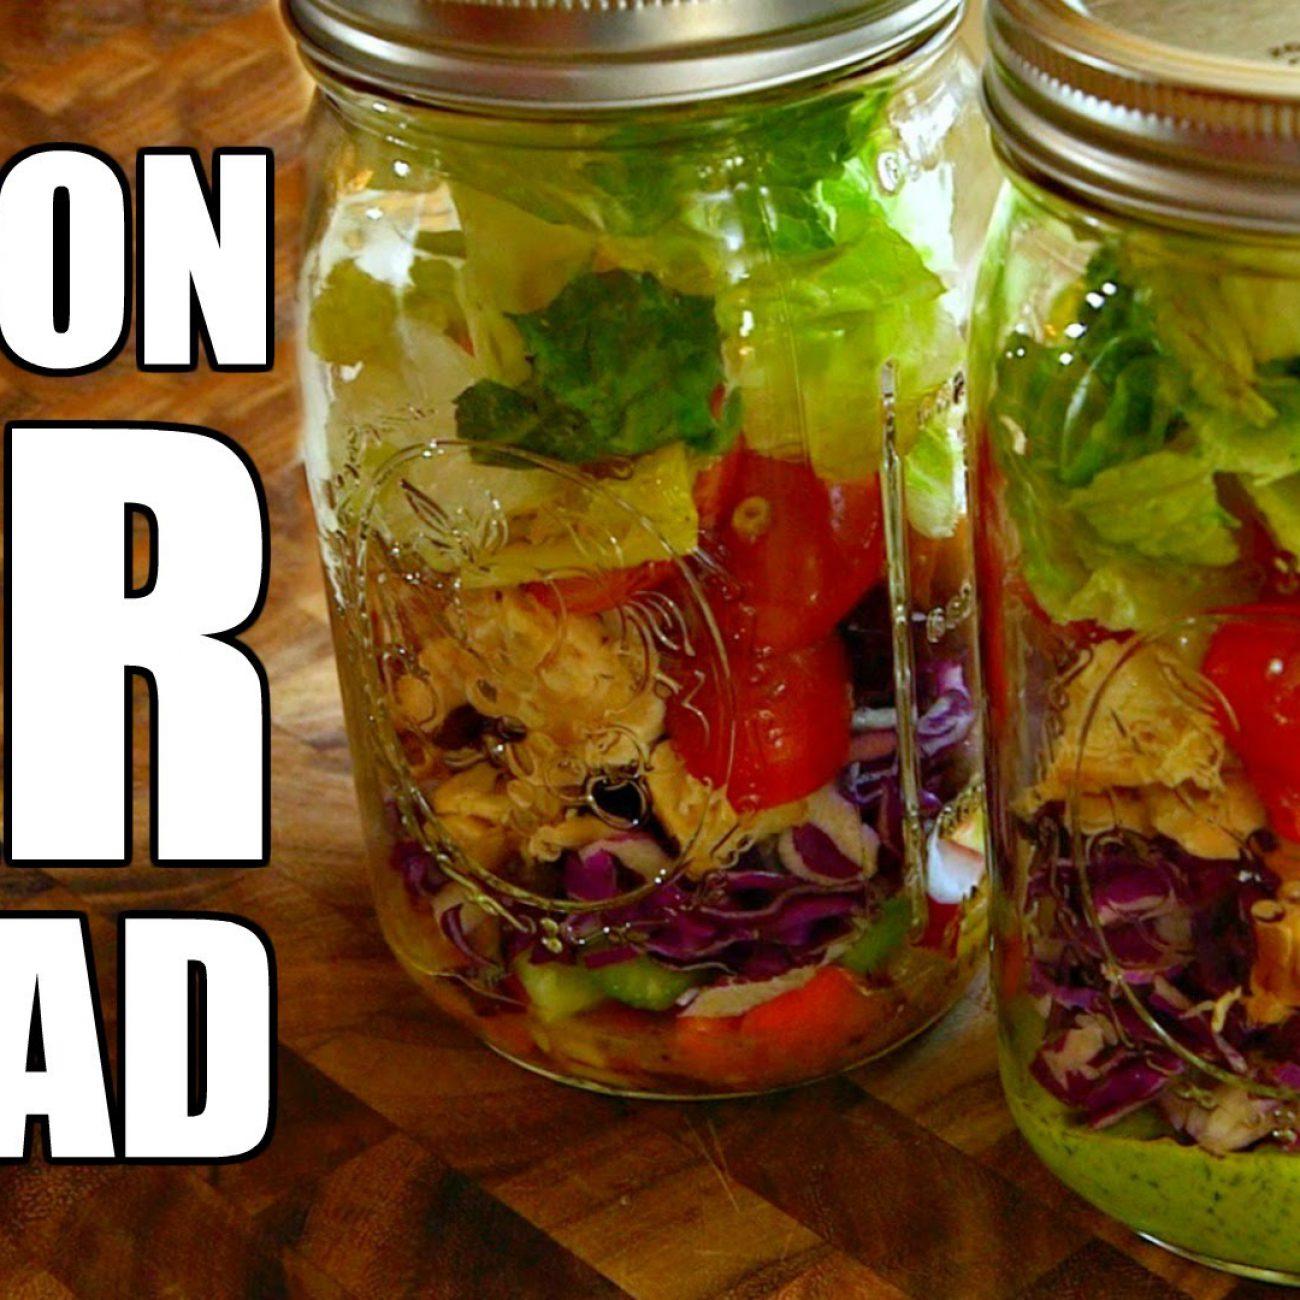 Mason Jar Salad Recipe for Weight Loss | How To Make A Mason Jar Salad + 2 Healthy Salad Dressings